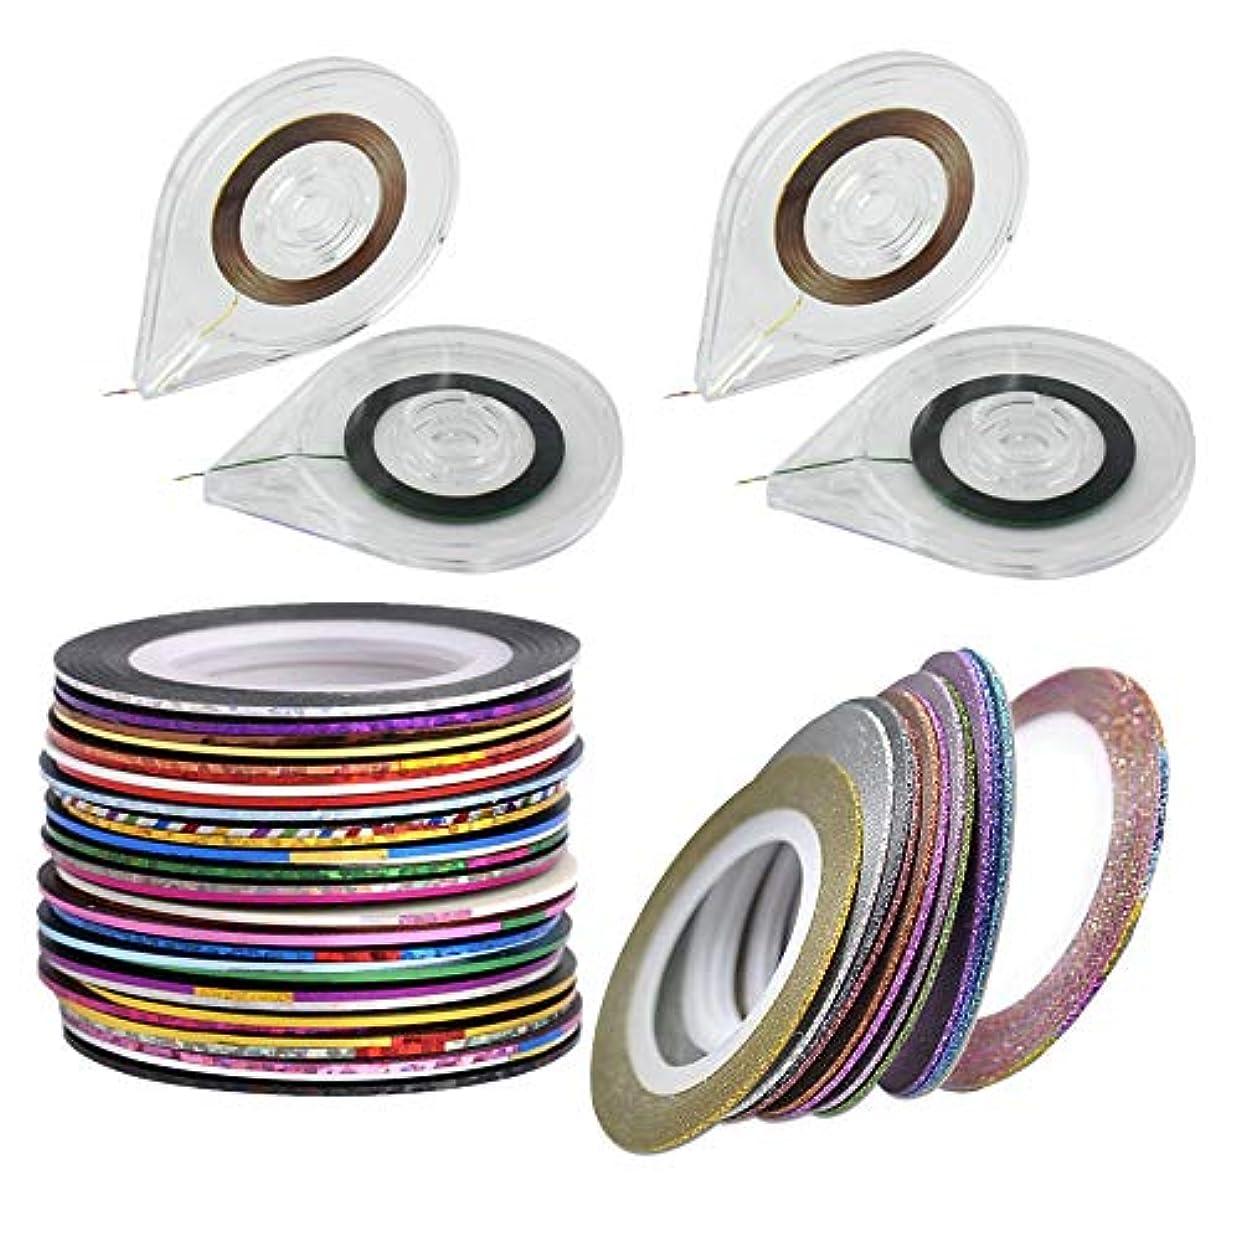 いちゃつくビーチ杖Kingsie ネイルアート用 ラインテープ 40色 幅1mm 専用ケース4個付き ラインアートテープ レーザーラインテープ ジェルネイル ネイルパーツ デコパーツ